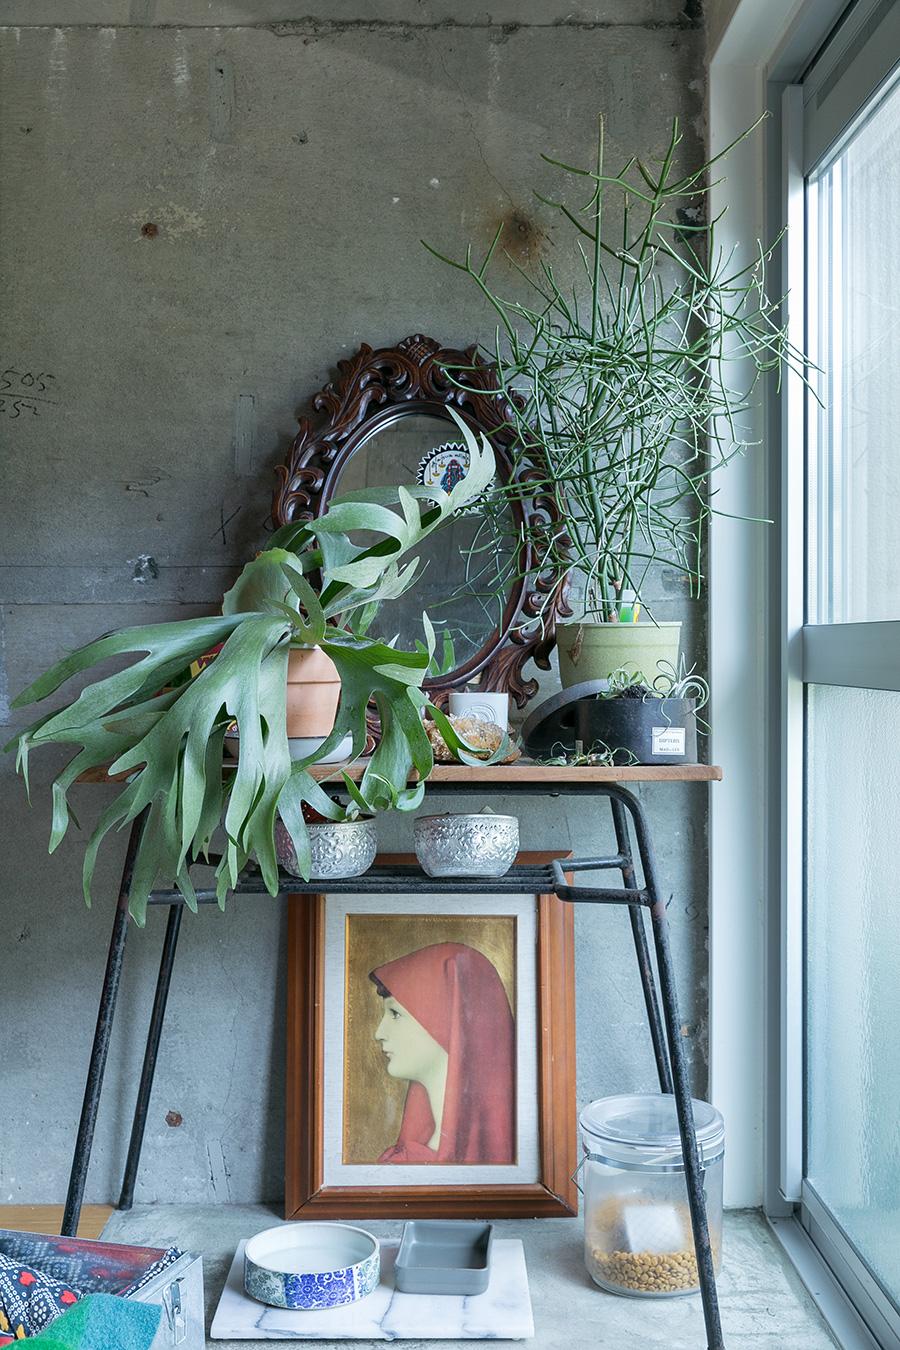 アートにたっぷりグリーンを組み合わせるのが高木さん流。下の大理石のテーブルはダイズちゃんの食卓。